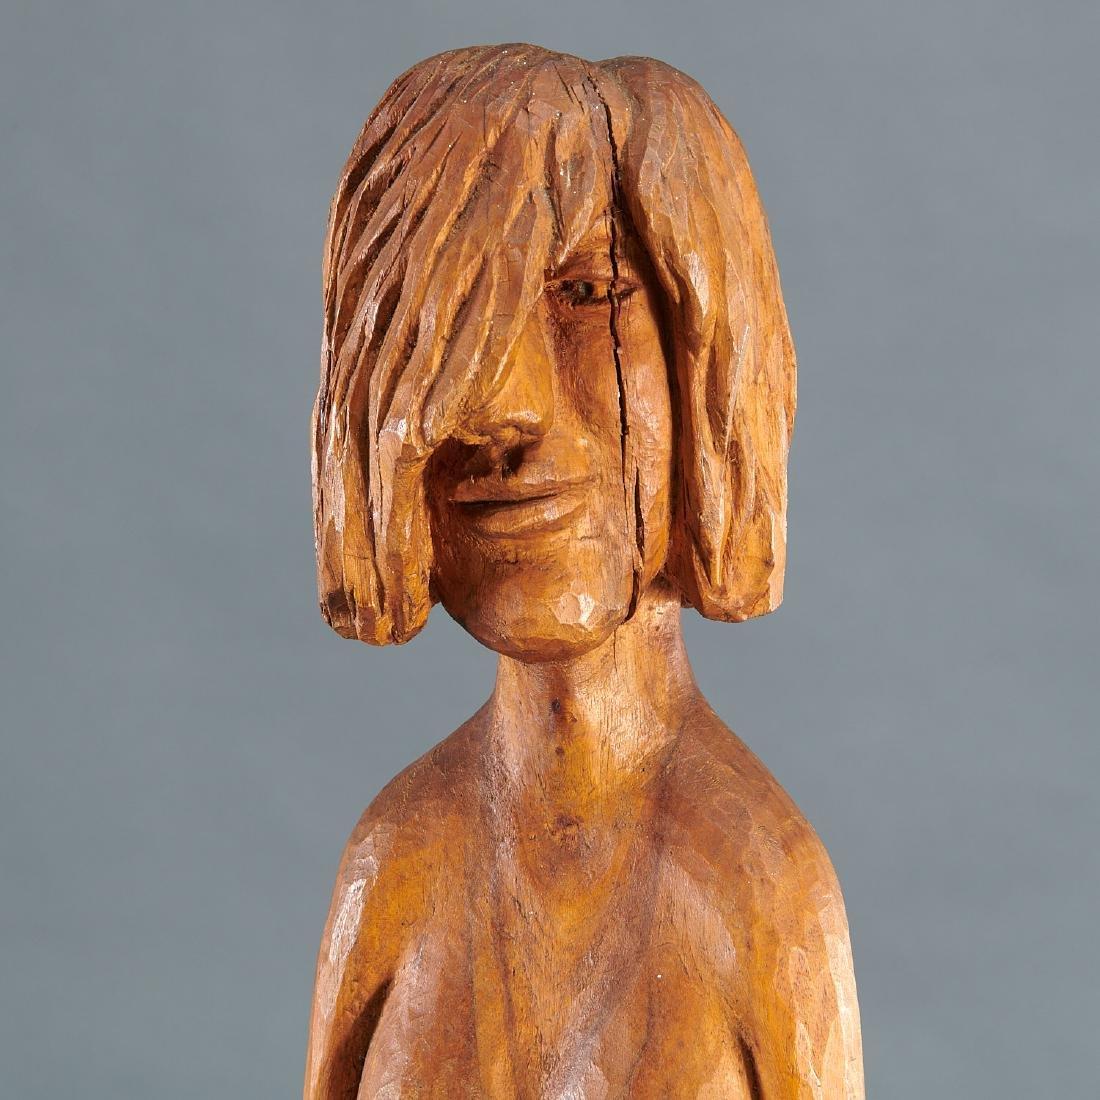 Kresimir Trumbetas, (3) sculptures - 2